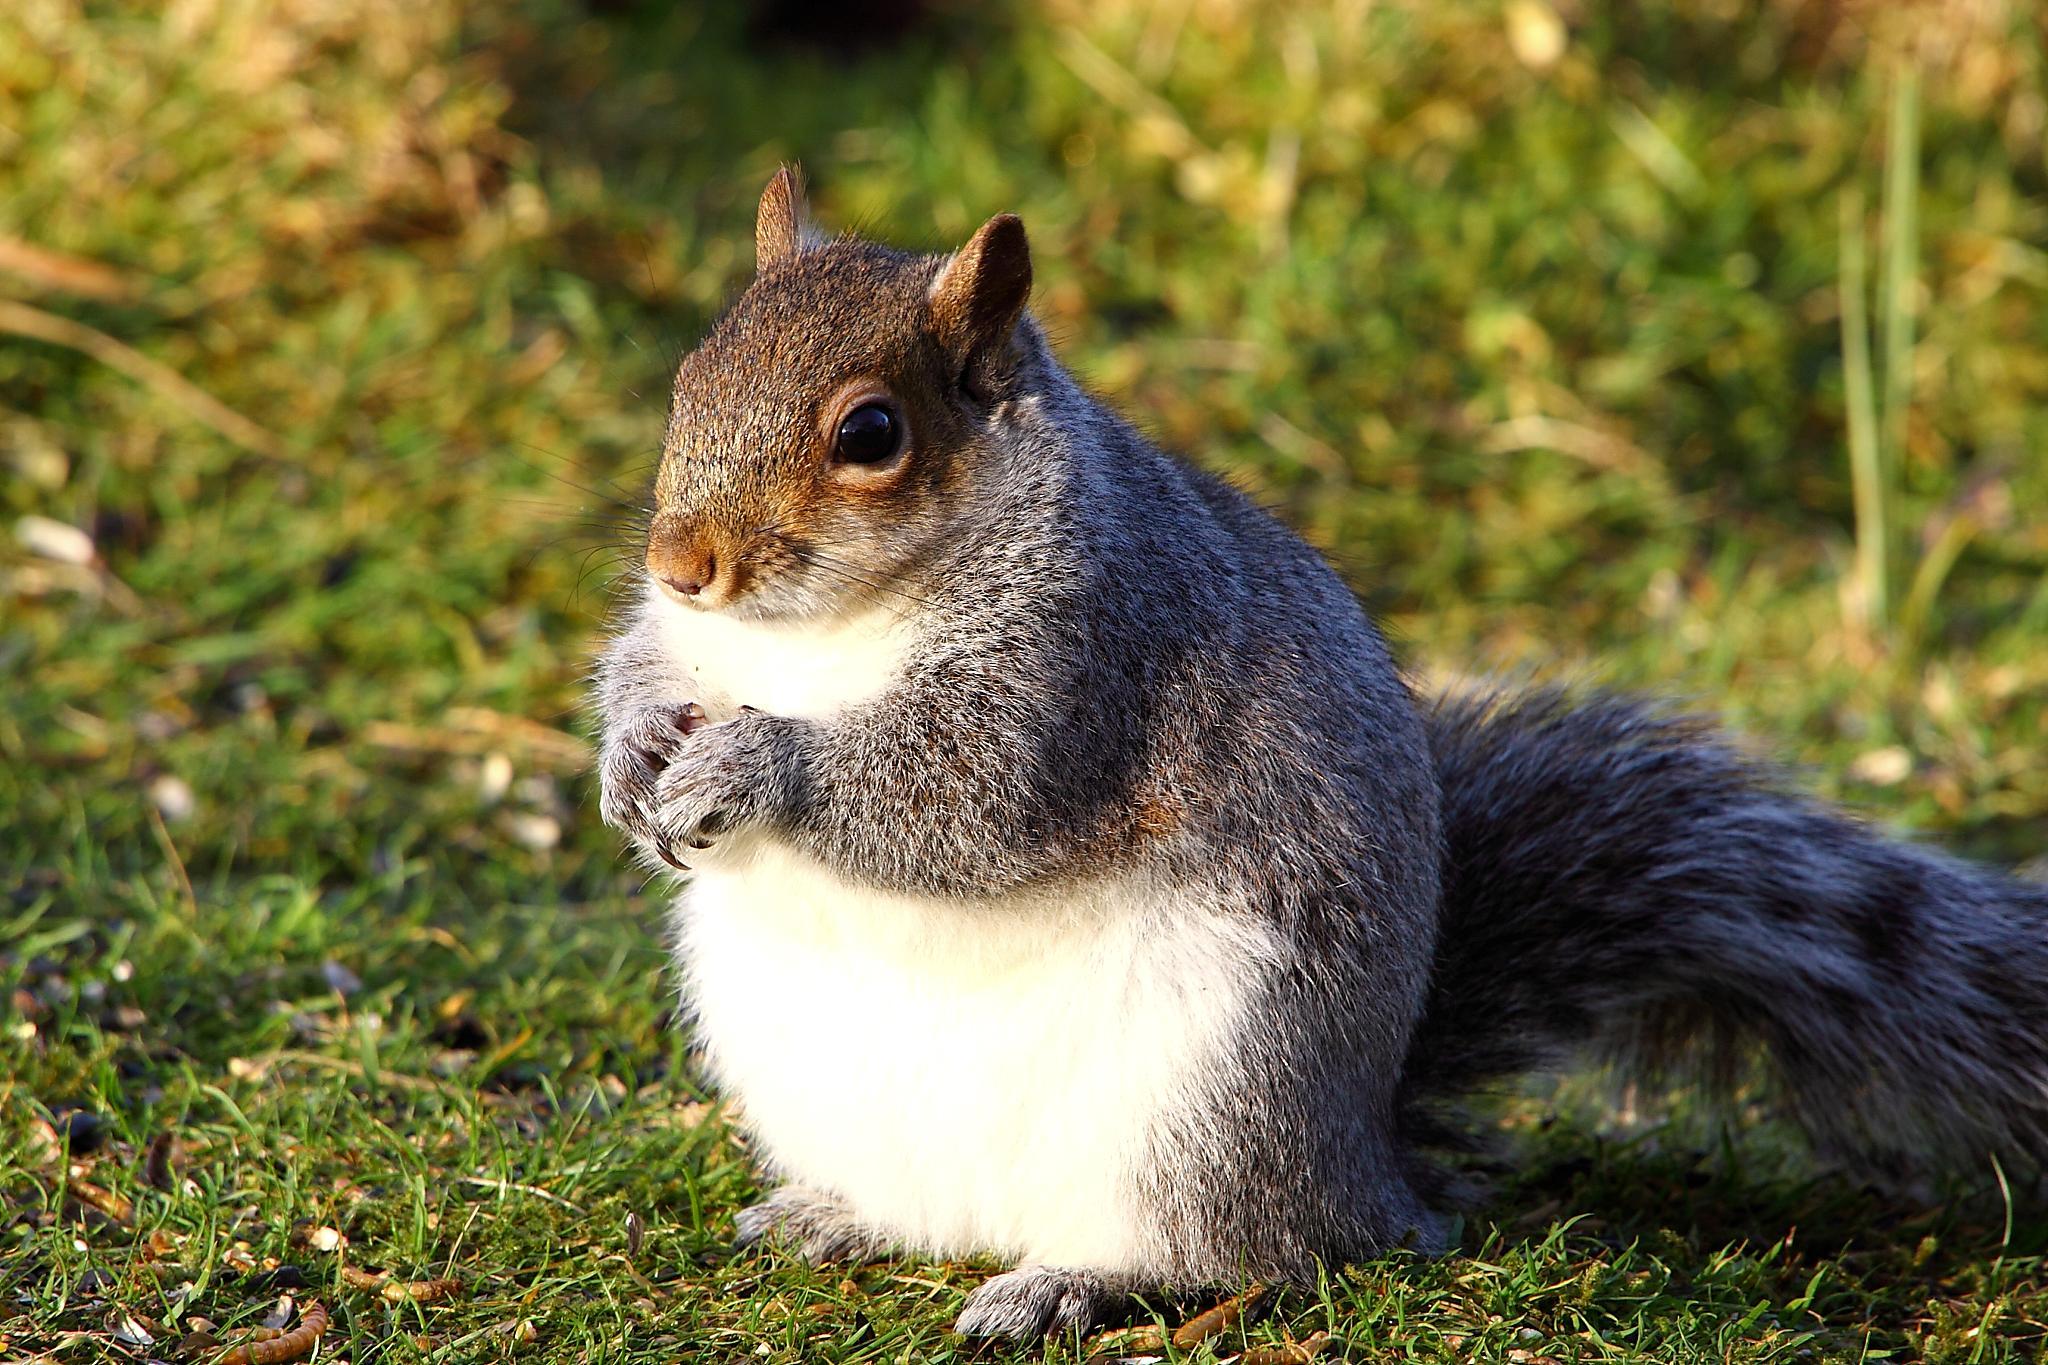 Fat Squirrel. Photo: Flickr, Airwolfhound